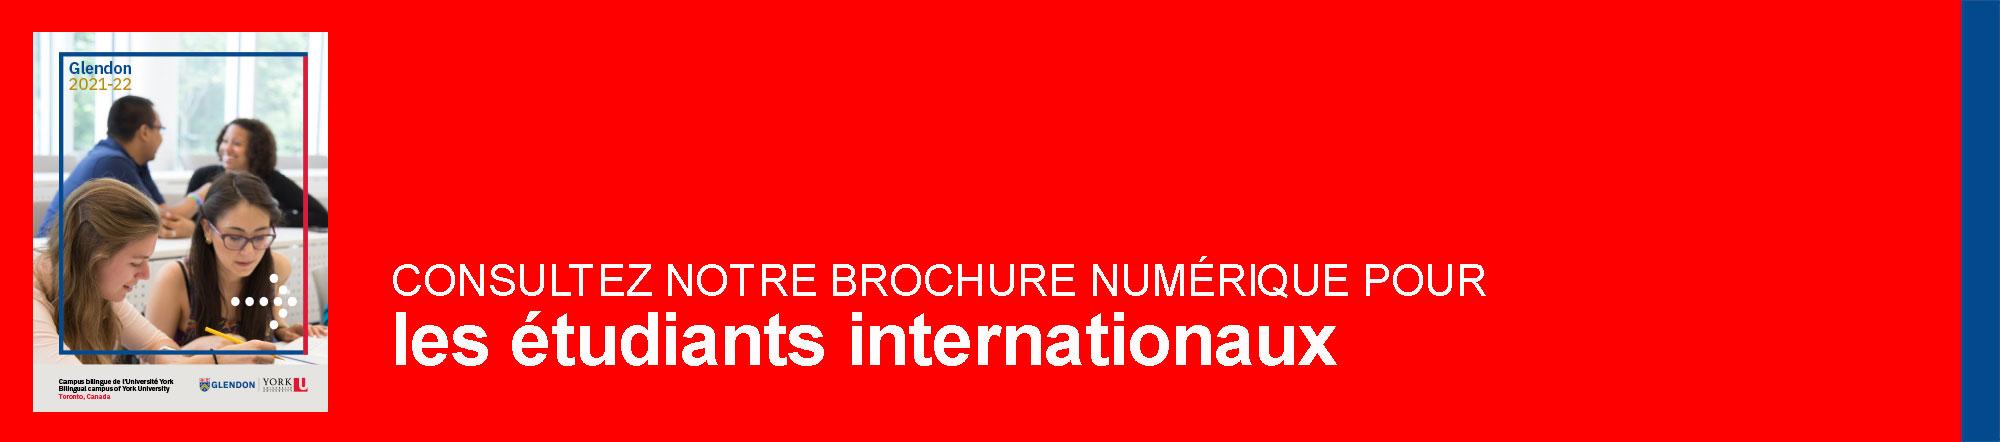 Consultez notre brochure numérique pour les étudiants internationaux